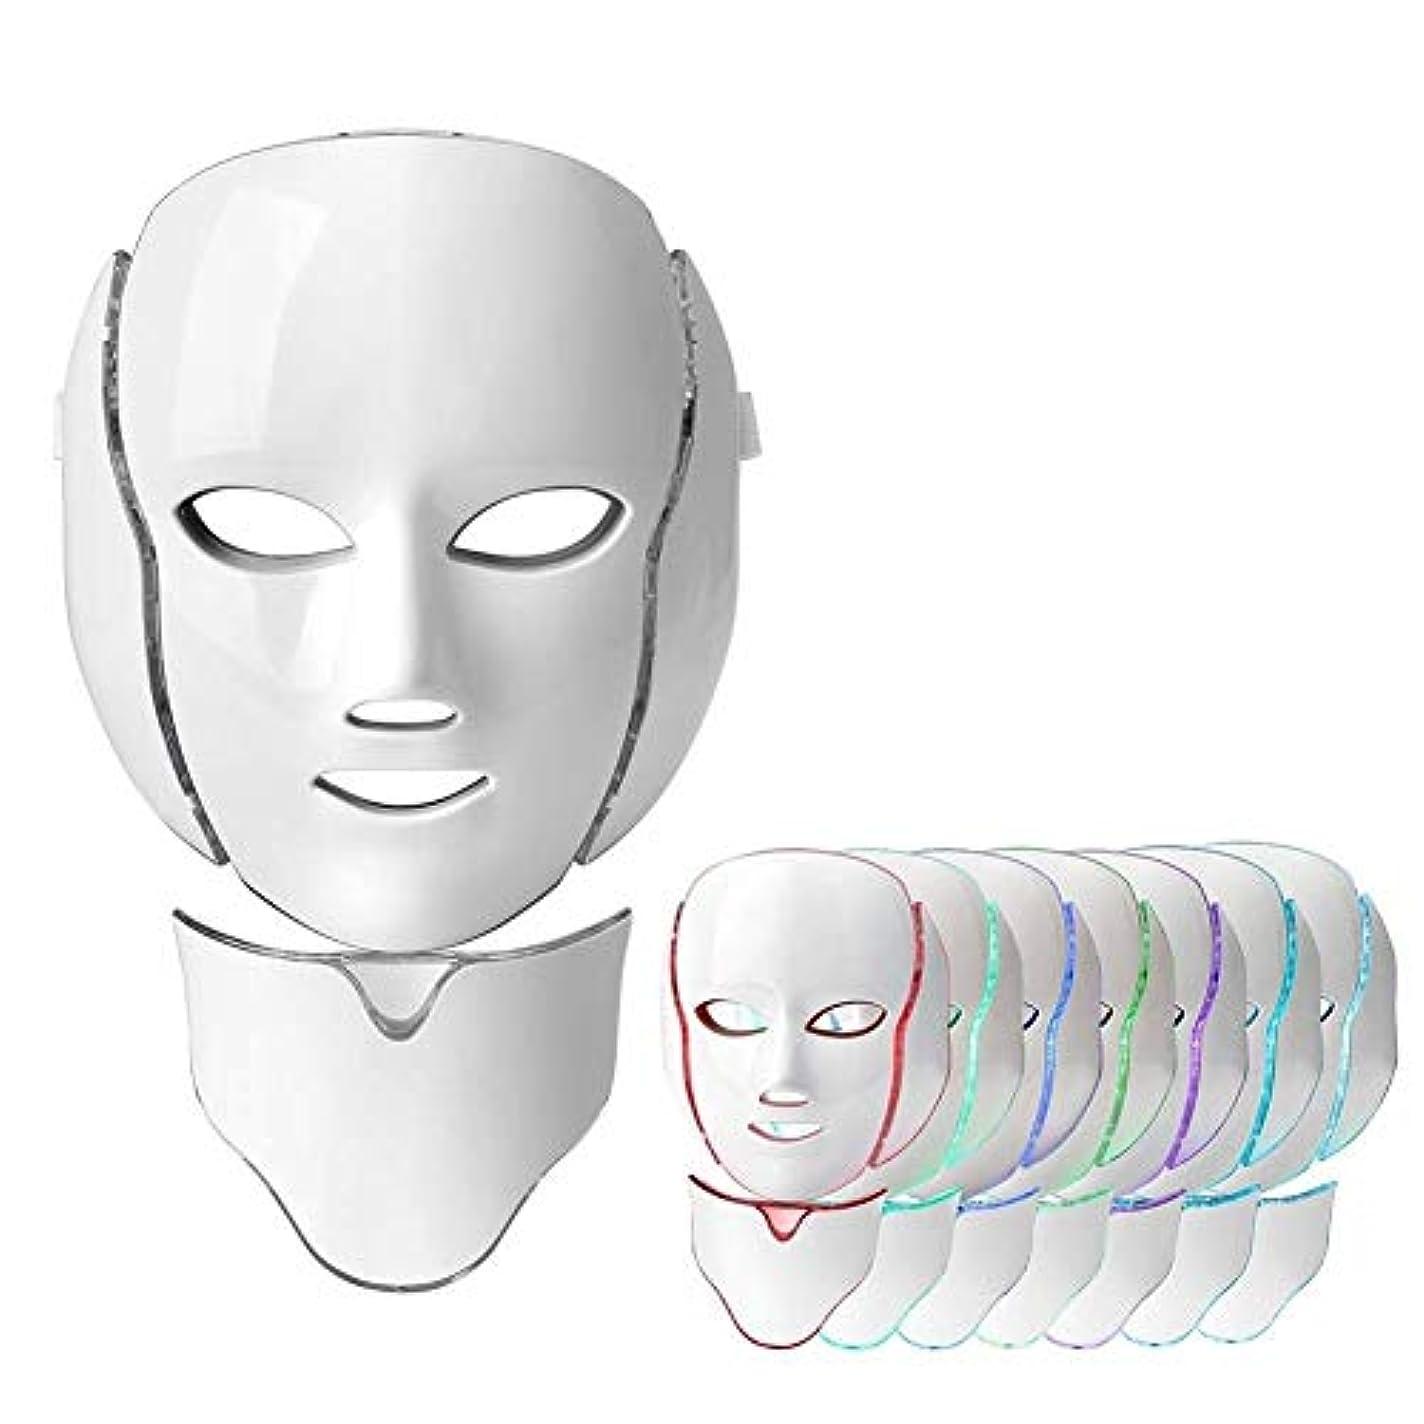 キノコ自動化ウイルスLEDマスク、ライトセラピーにきびマスク、にきび、しみ、にきび、肌のシミ(首)により、7色の光処理フェイス美容スキンケア光線療法マスク